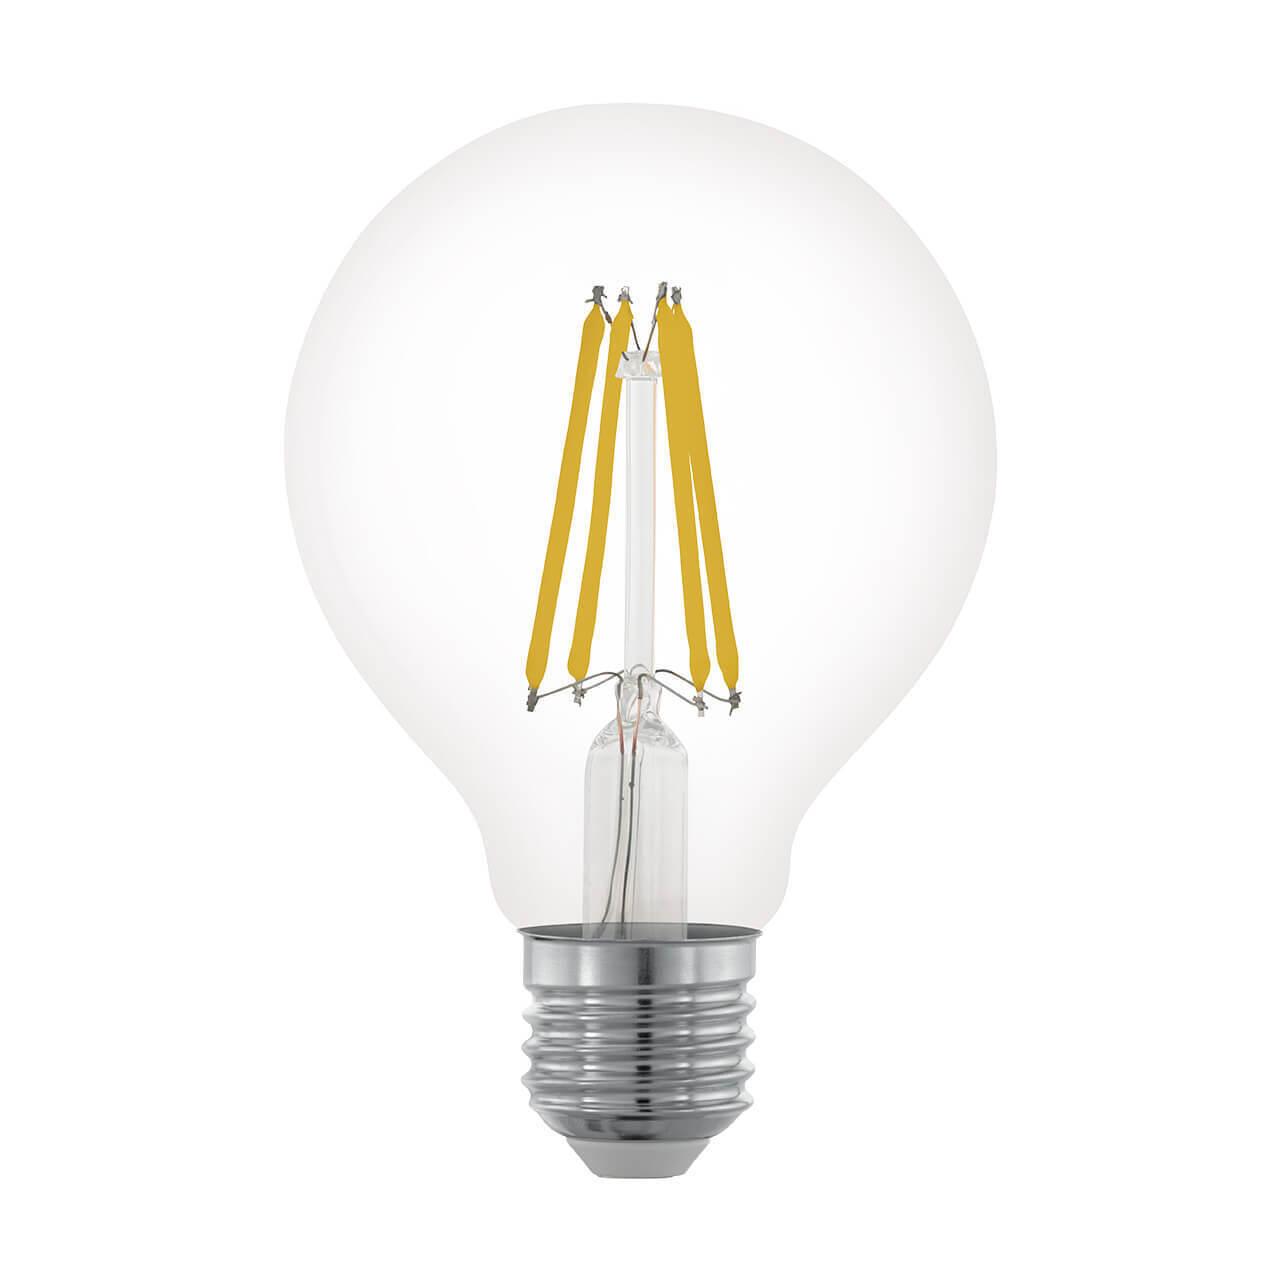 Лампа светодиодная филаментная диммируемая Eglo E27 6W 2700К прозрачная 11702 цены онлайн